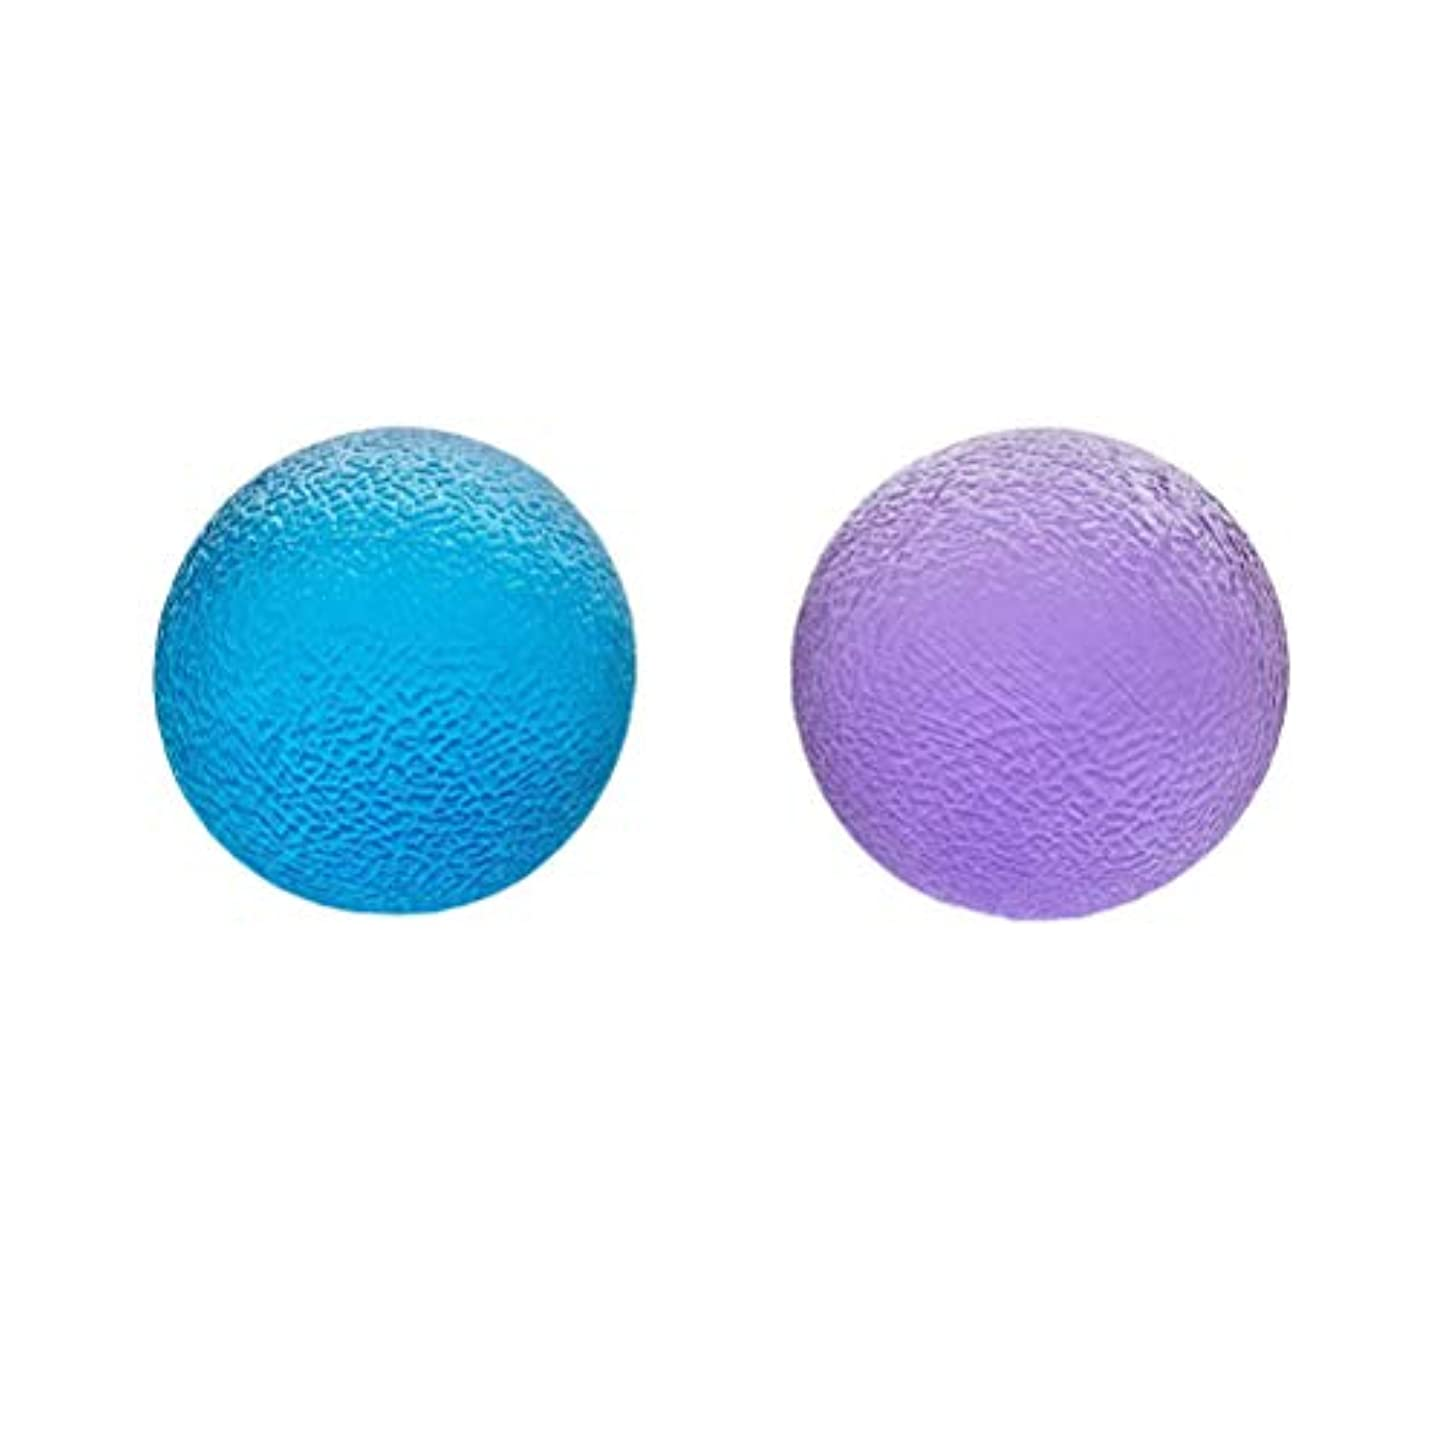 暴露狂うふくろうHealifty ハンドストレスボールセラピーボールストレス解消のためにハンドグリップボールを絞る関節炎の痛みを軽減するセラピー強化治療2個(青と紫)